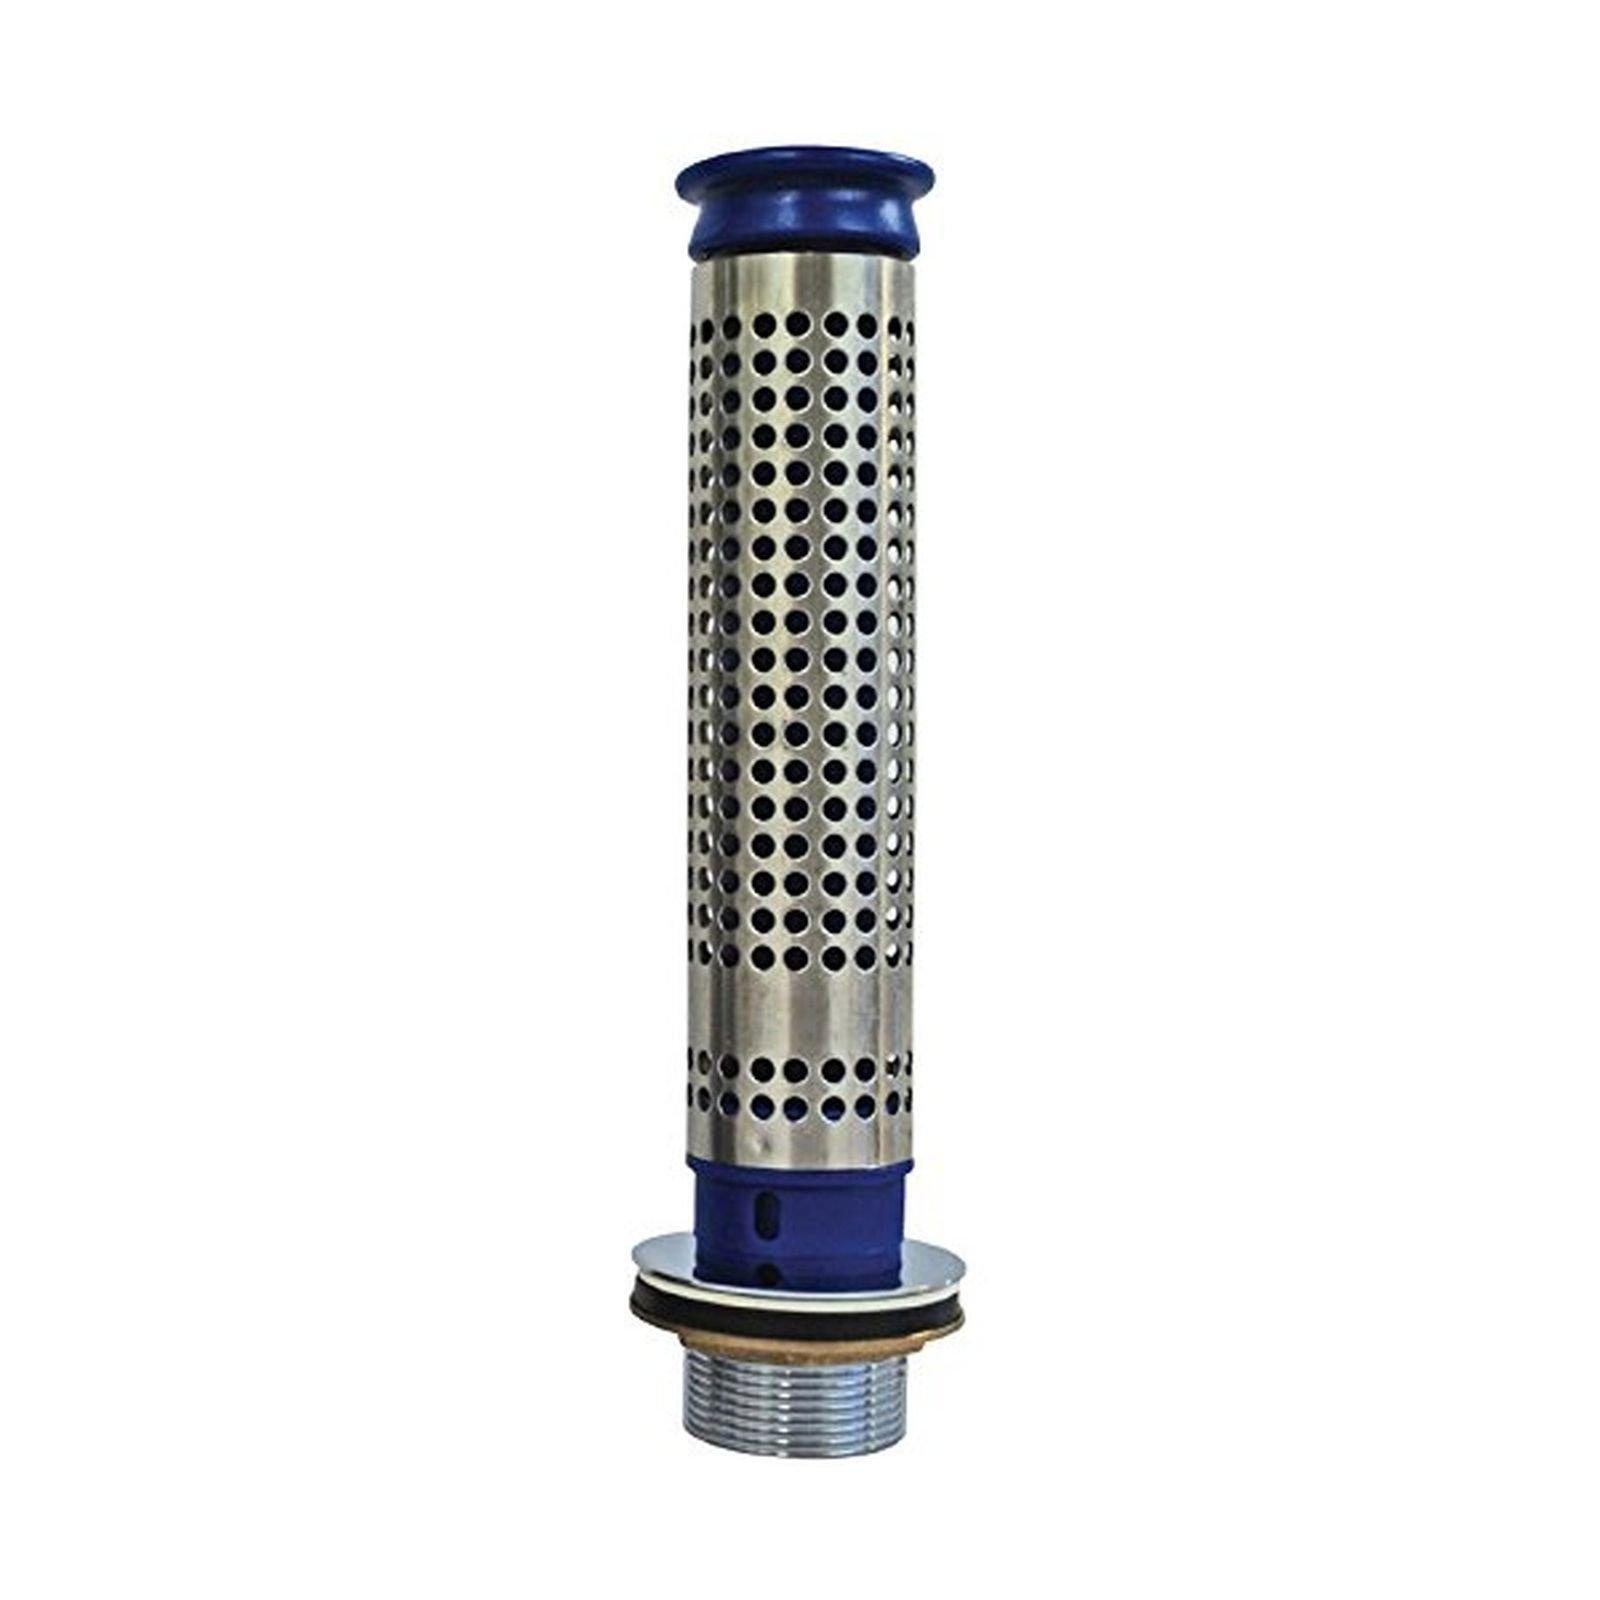 300mm Commercial Sink Waste Plug And Strainer Kit 70mm Flange 48mm Vte3018euro Buy Online In Samoa At Desertcart